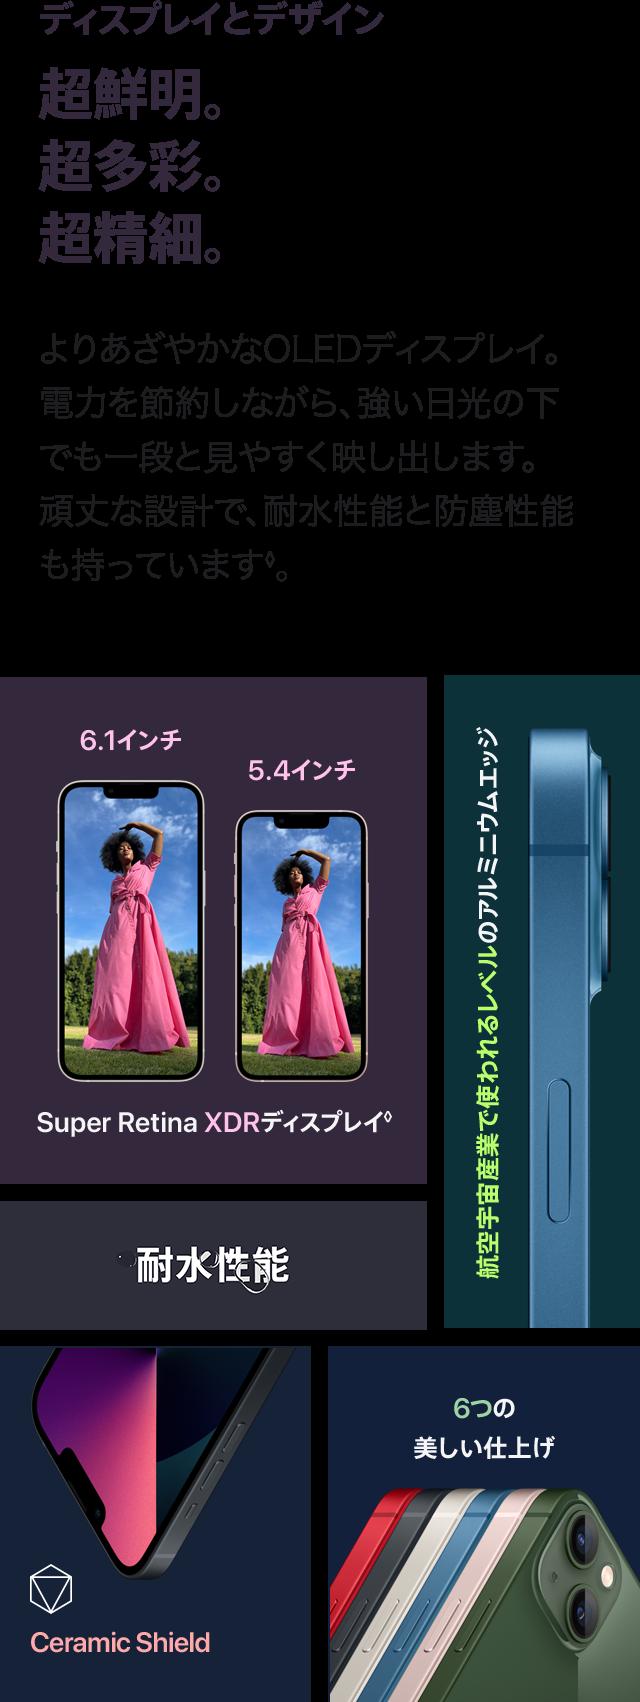 iphone13 ディスプレイとデザイン